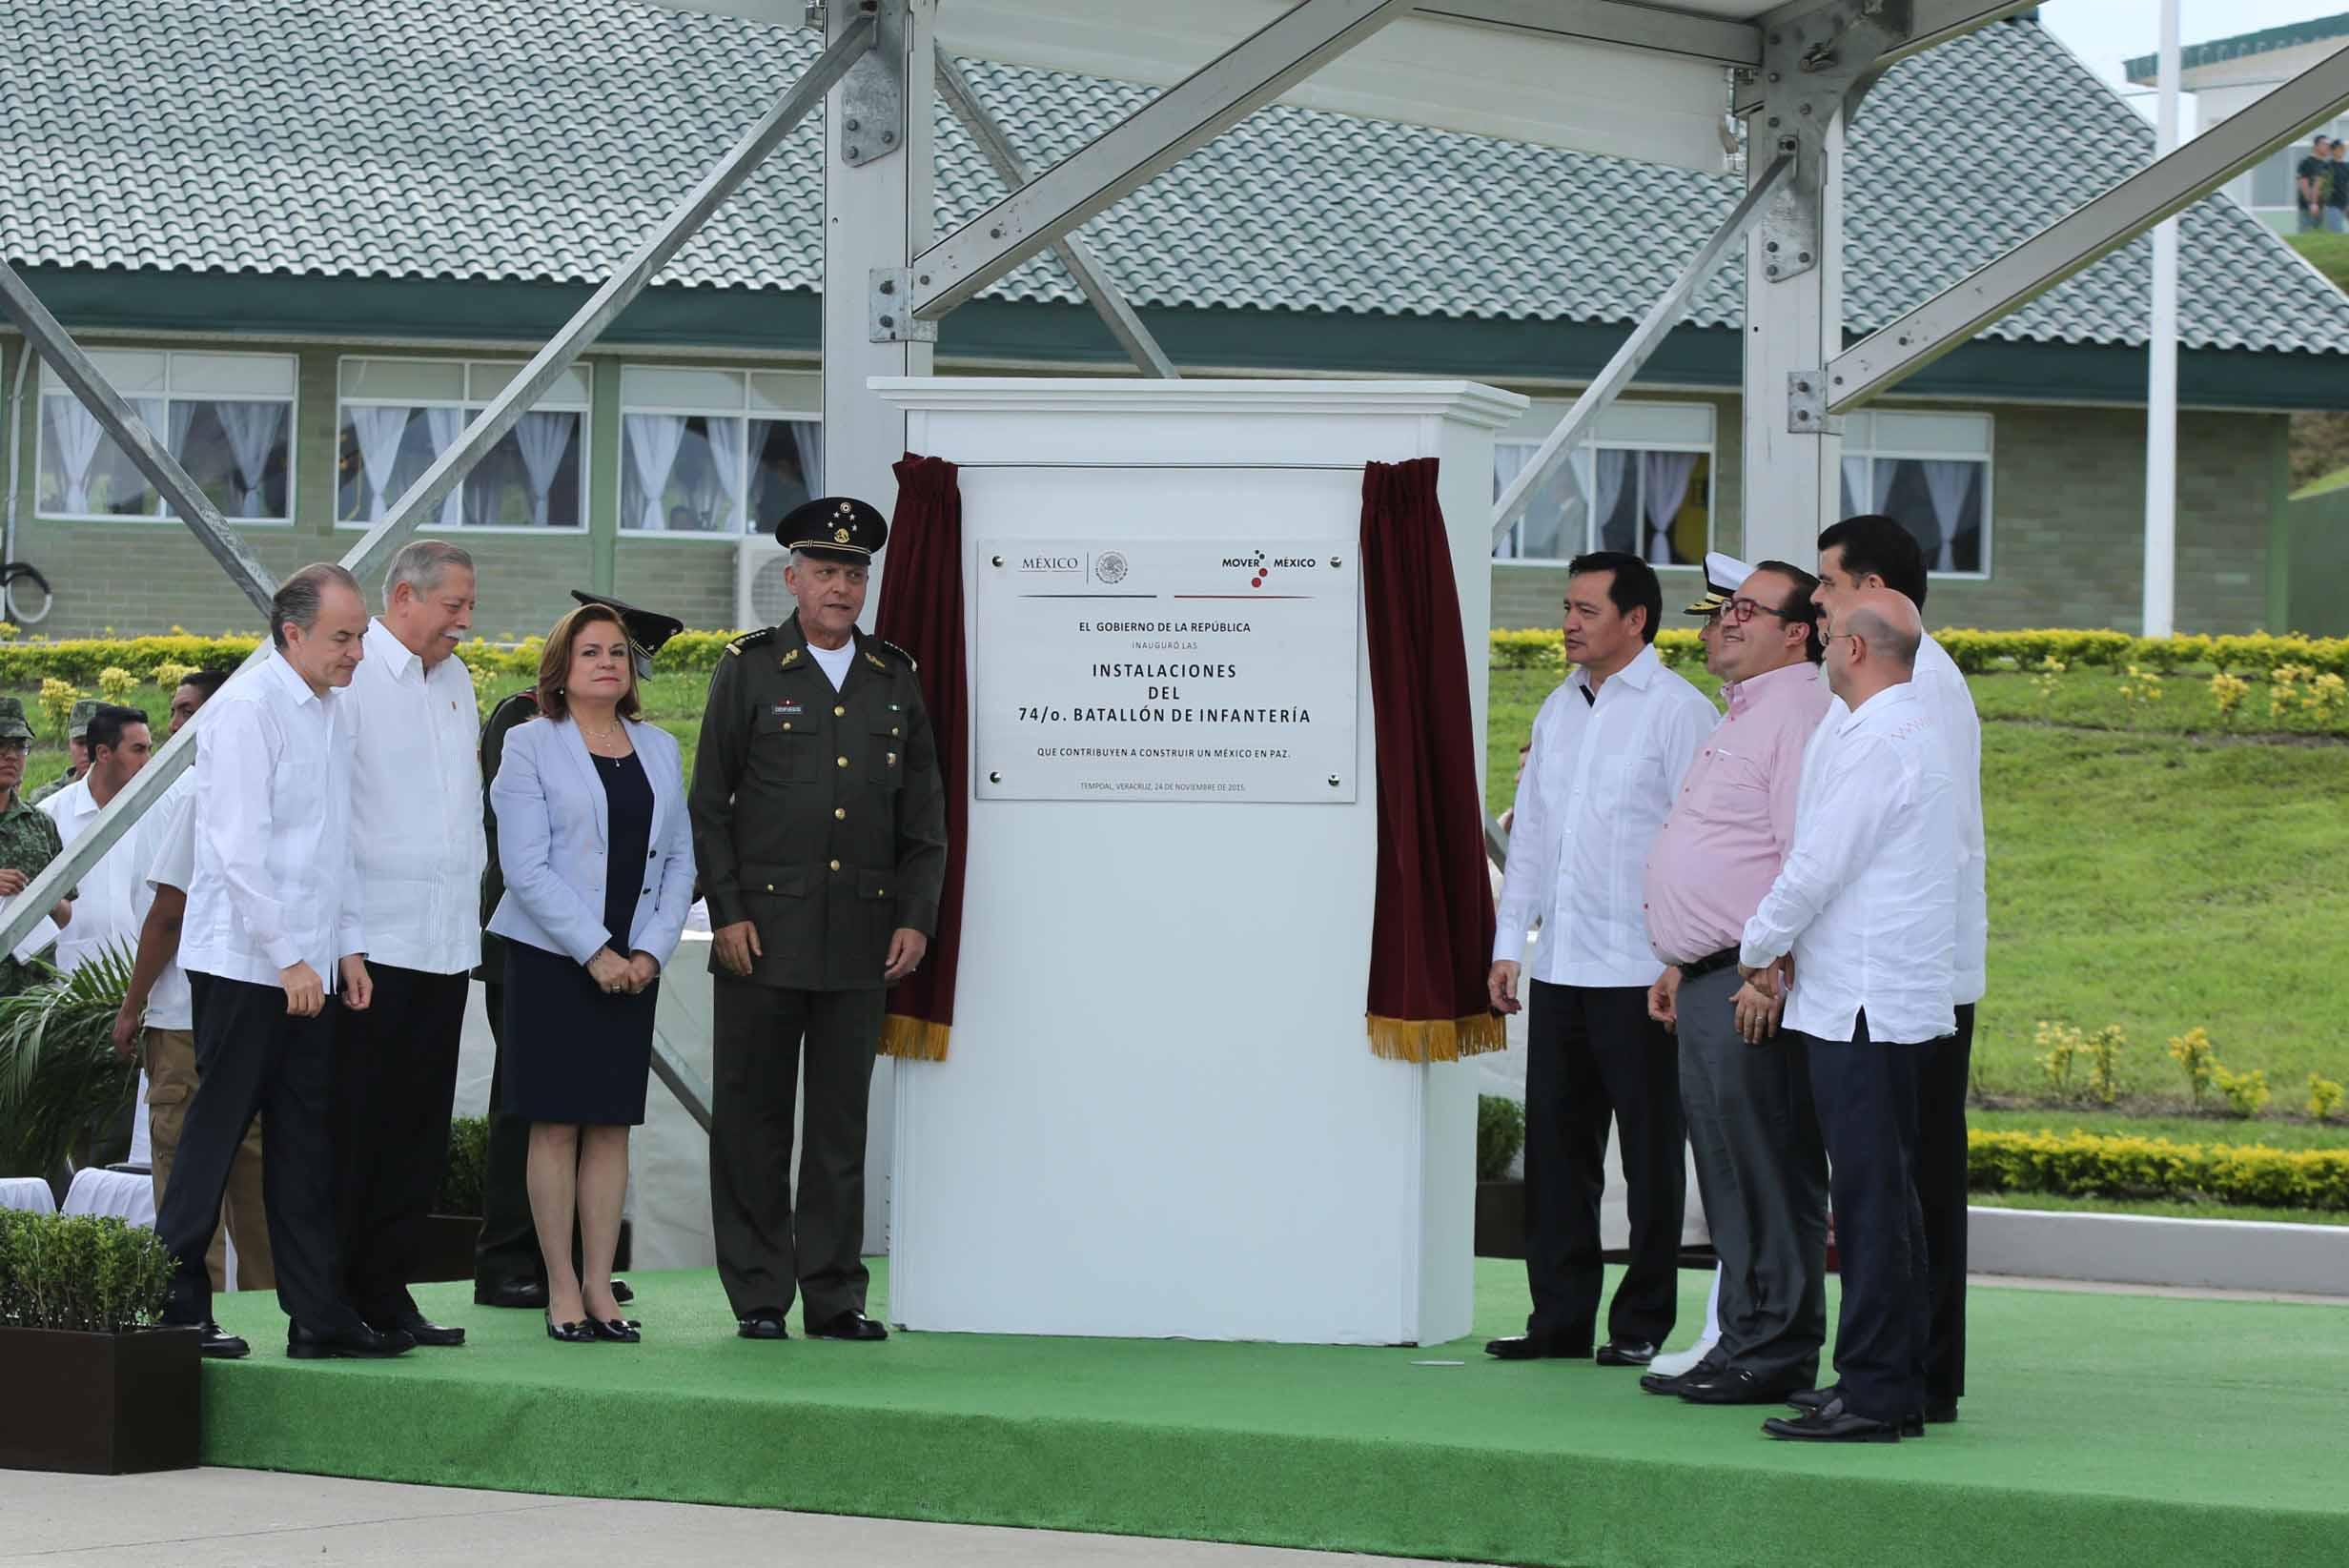 Miguel Ángel Osorio Chong, Secretario de Gobernación, con la representación del Presidente de la República, Enrique Peña Nieto, en la inauguración de las instalaciones del 74° Batallón de Infantería en Tempoal, Veracruz